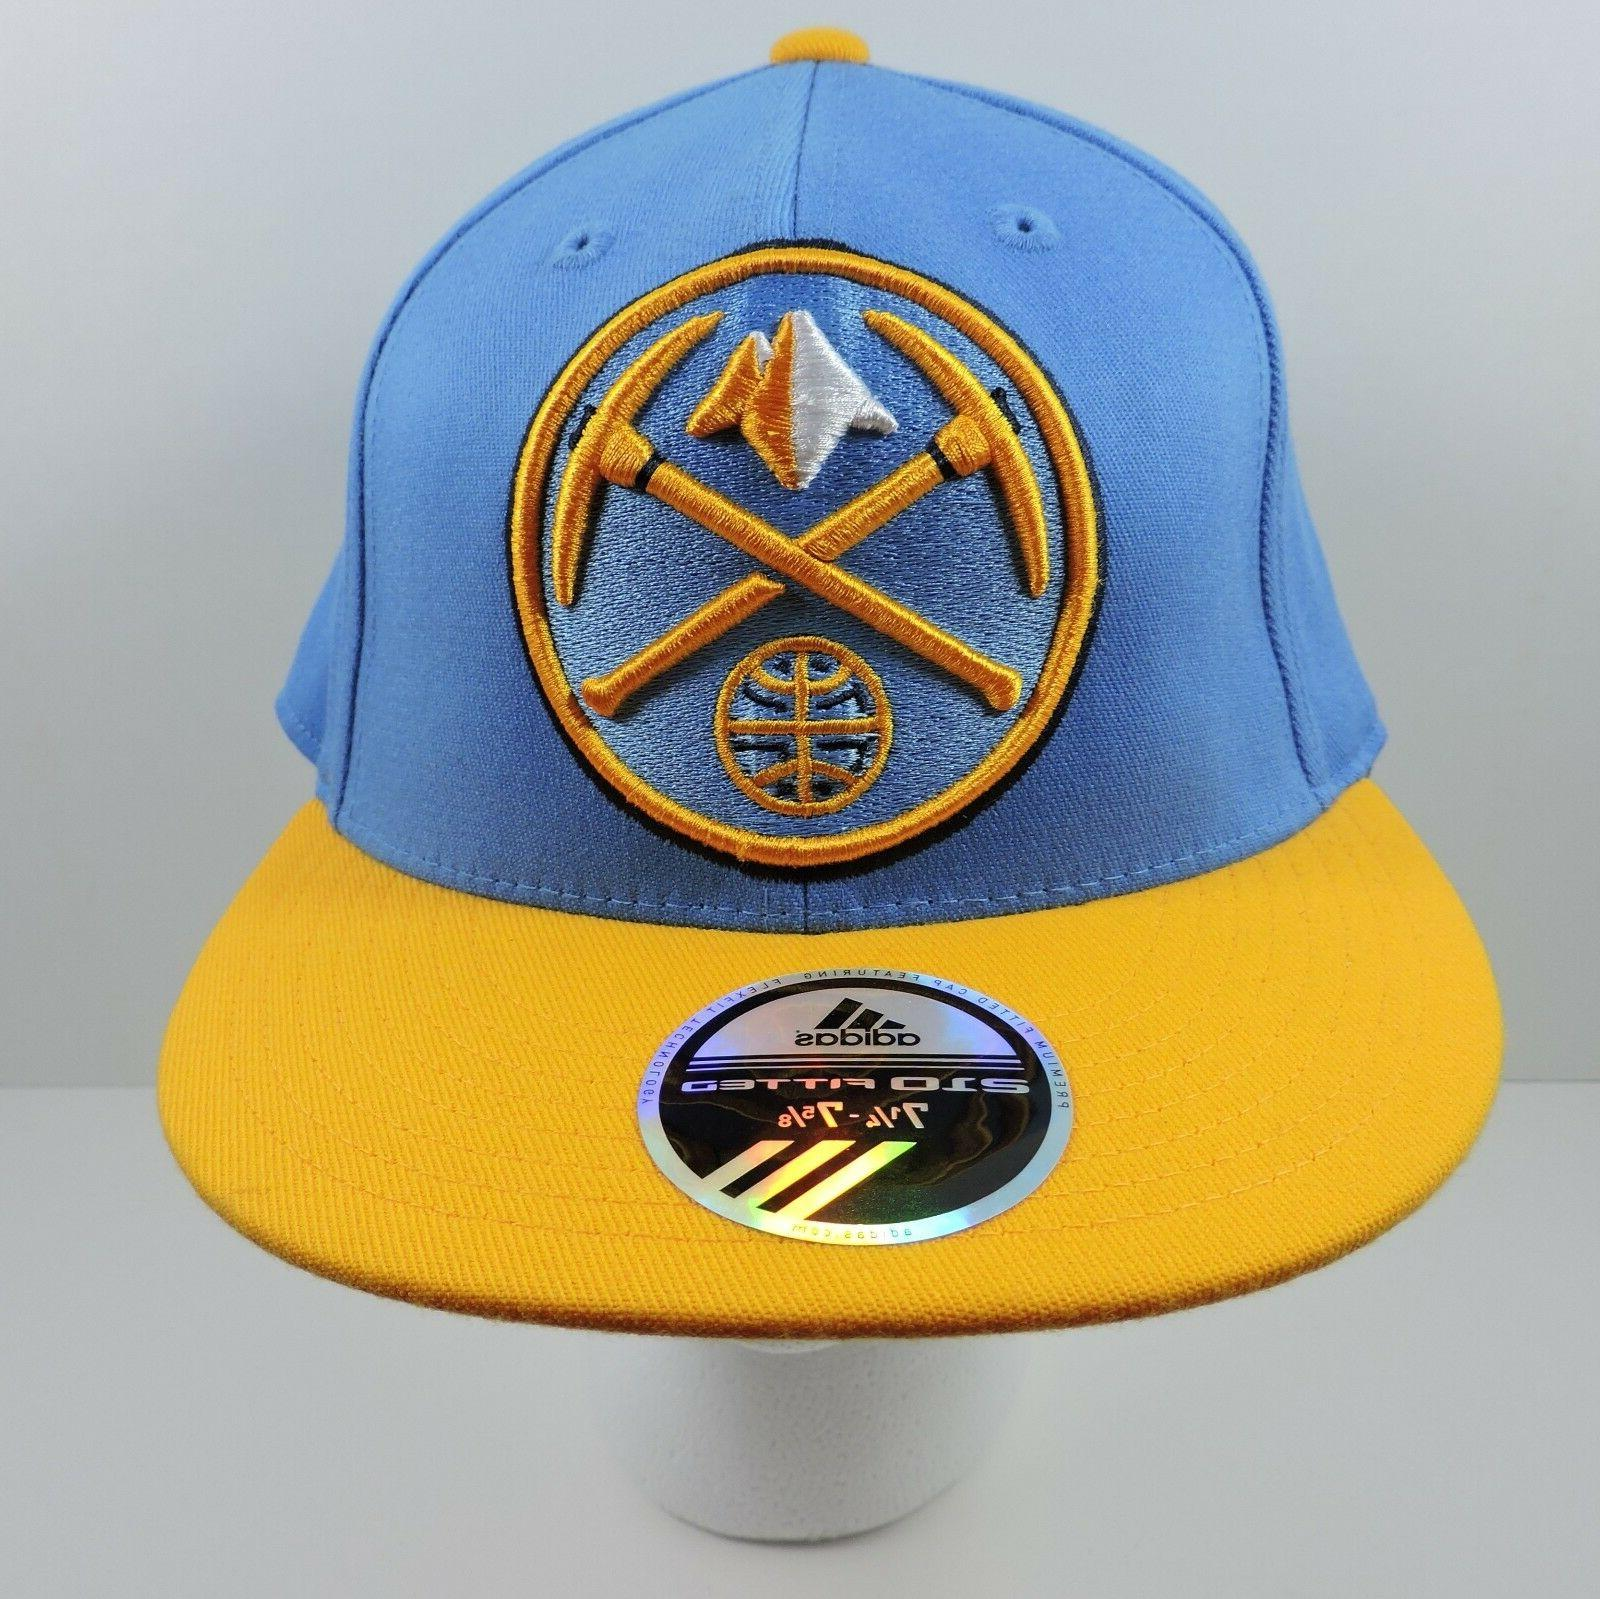 nba denver nuggets basketball baseball cap hat